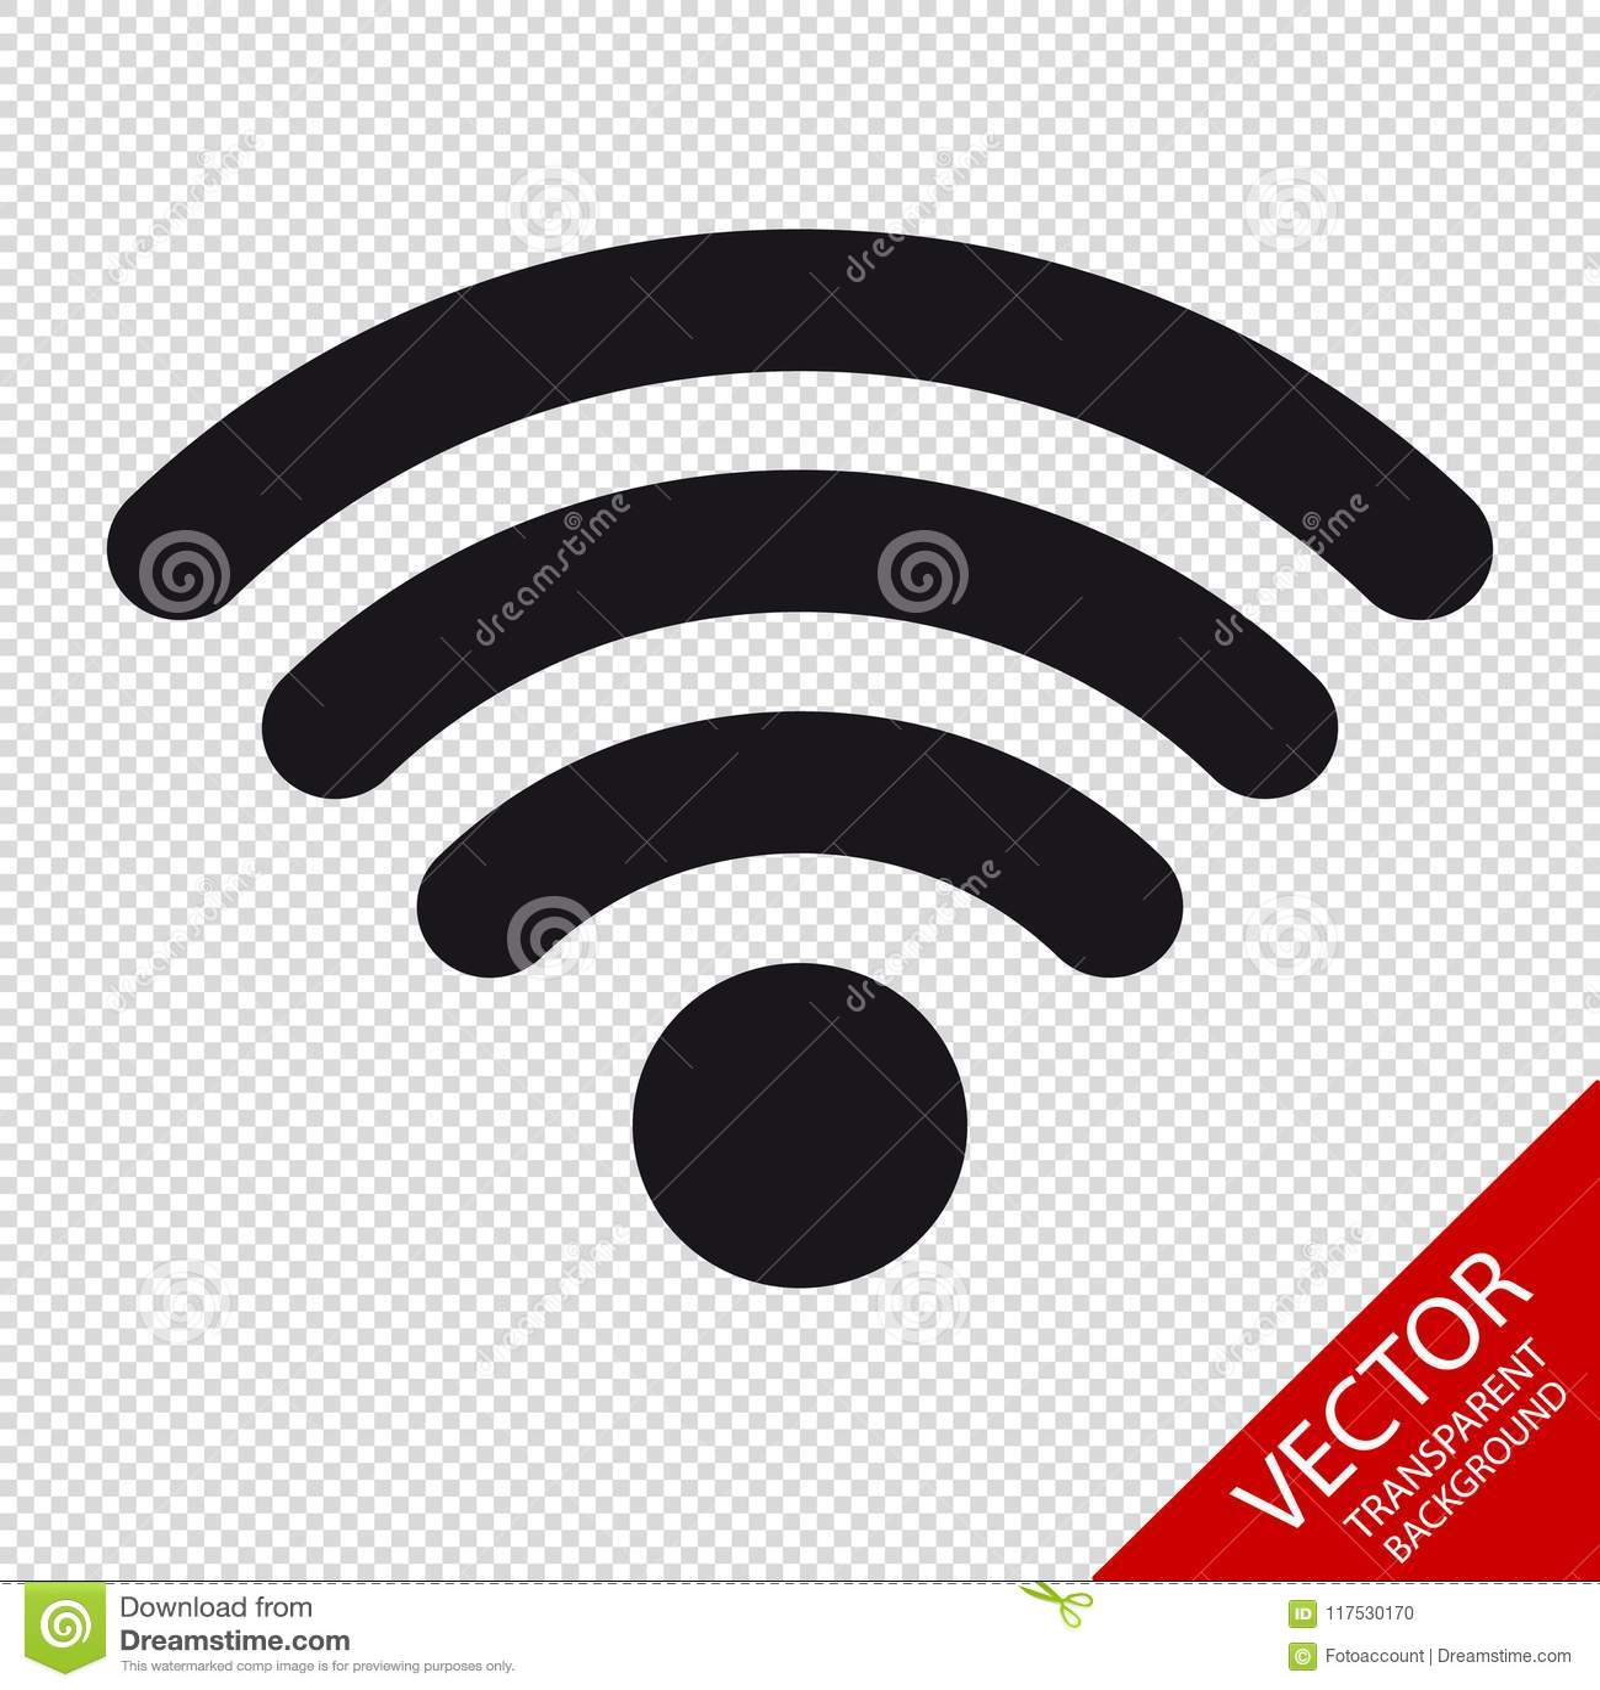 Draadloos Wlan Internet het Signaal Vlak Pictogram van WiFi voor Apps of Websites